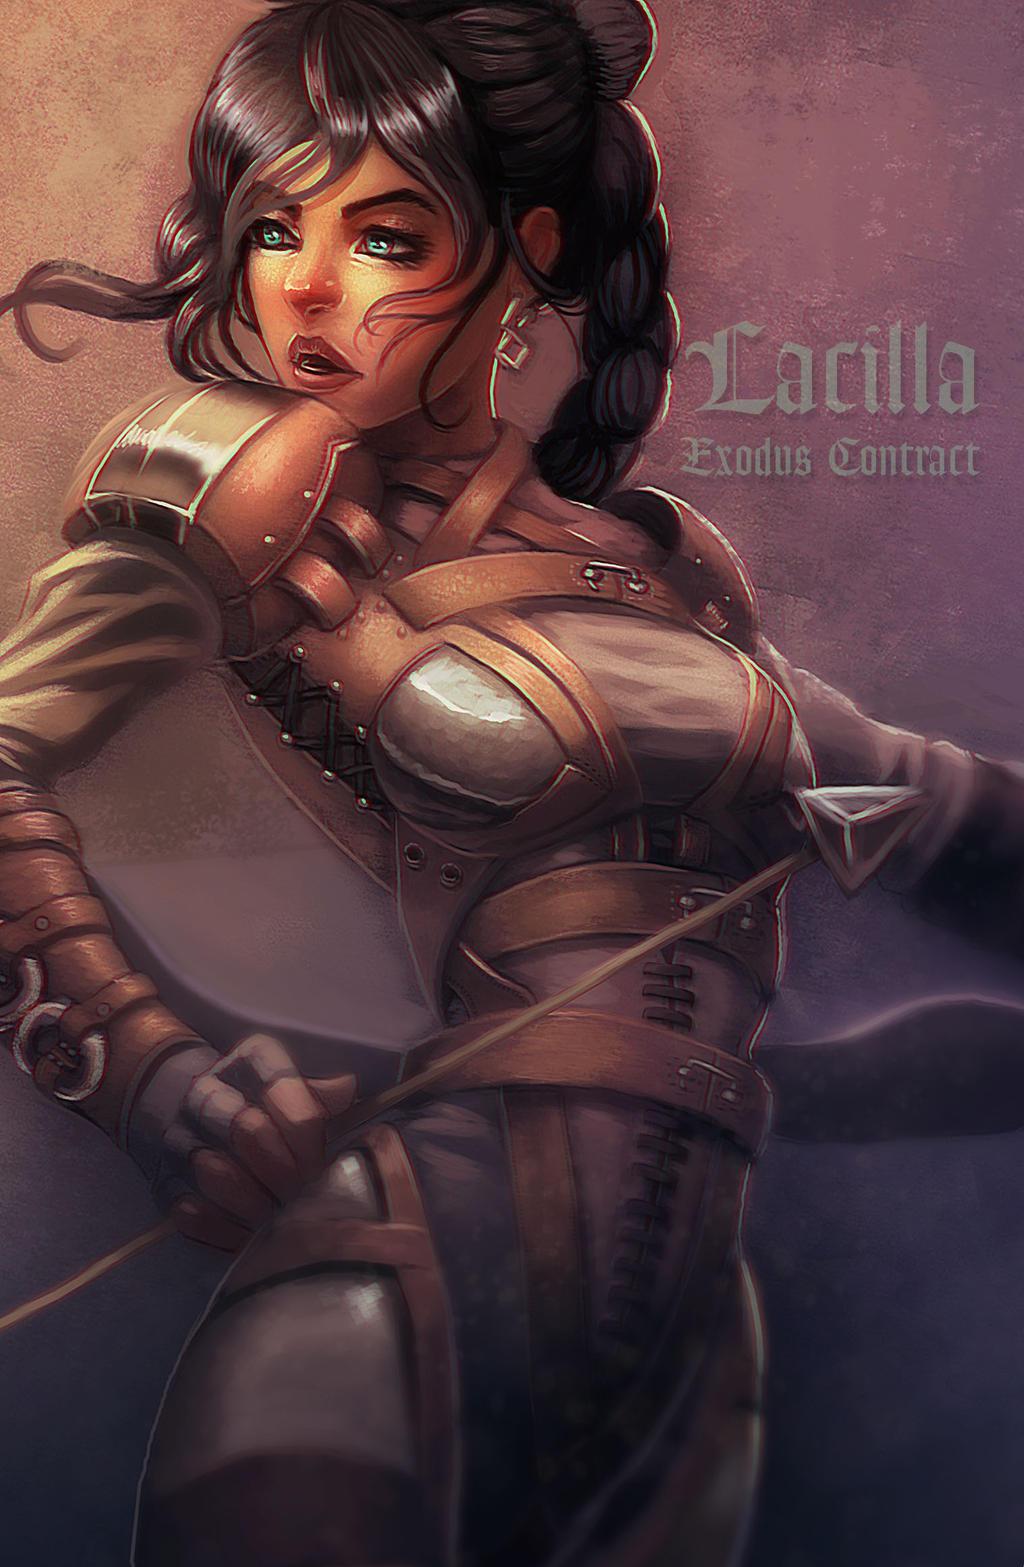 Lacilla-OC by BlackHawk45LC